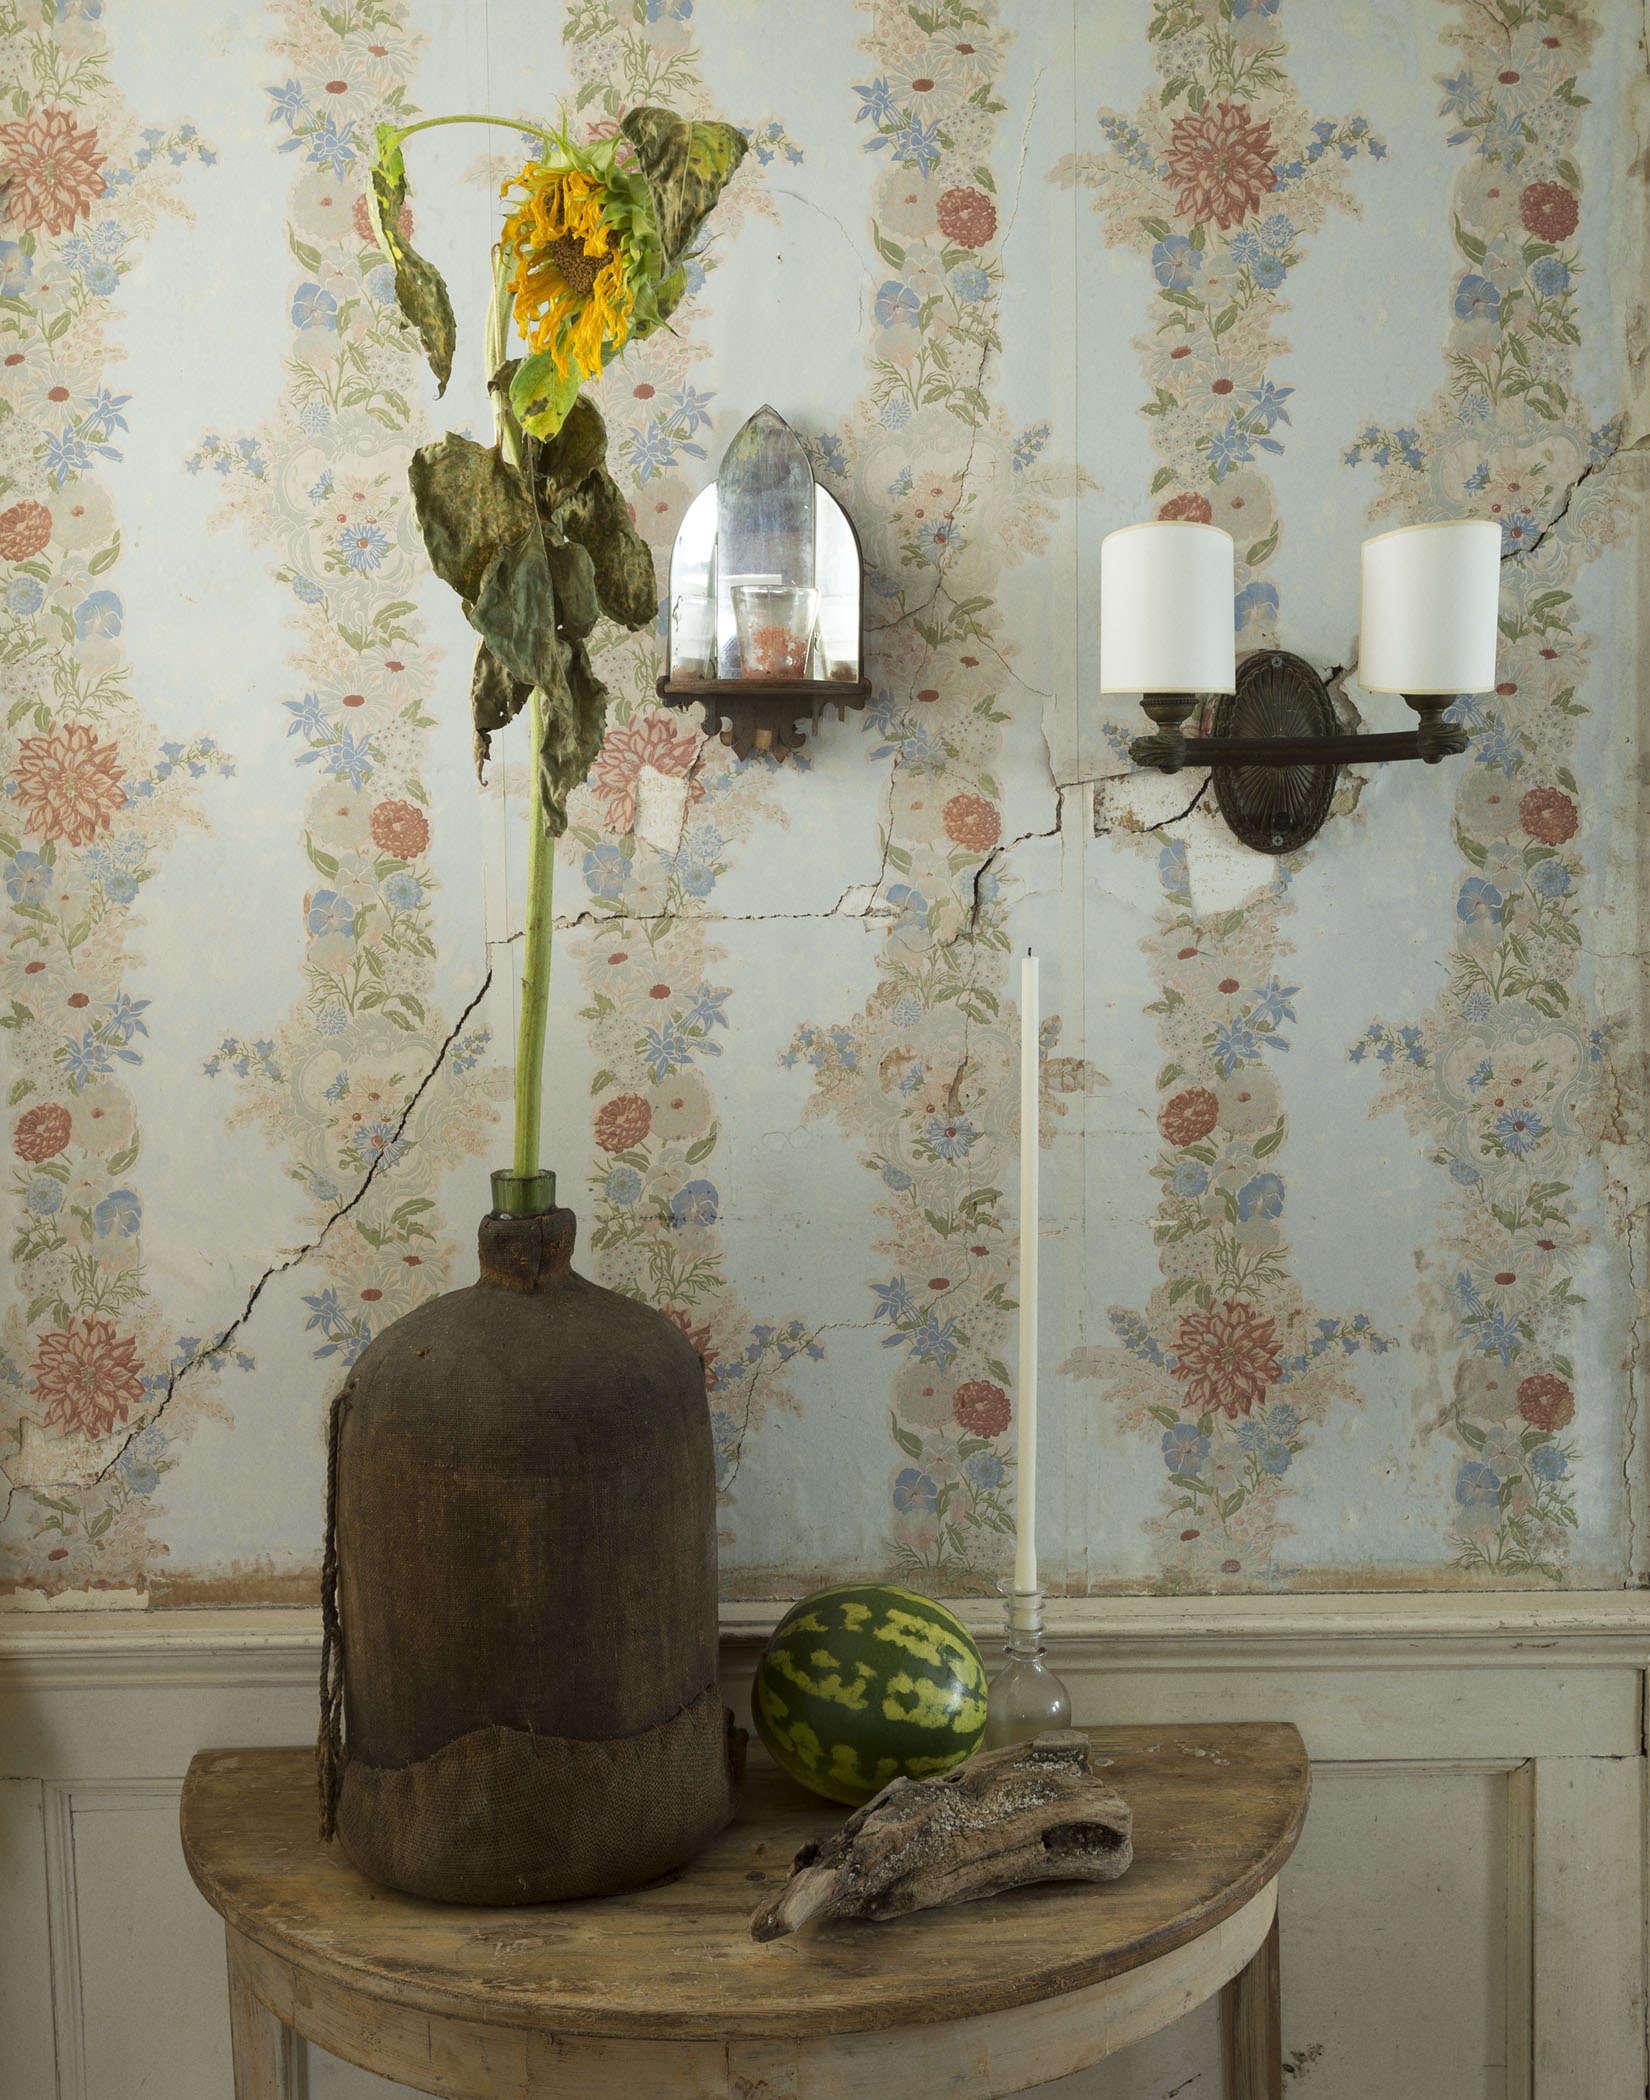 John Derian Faded Flowers 1